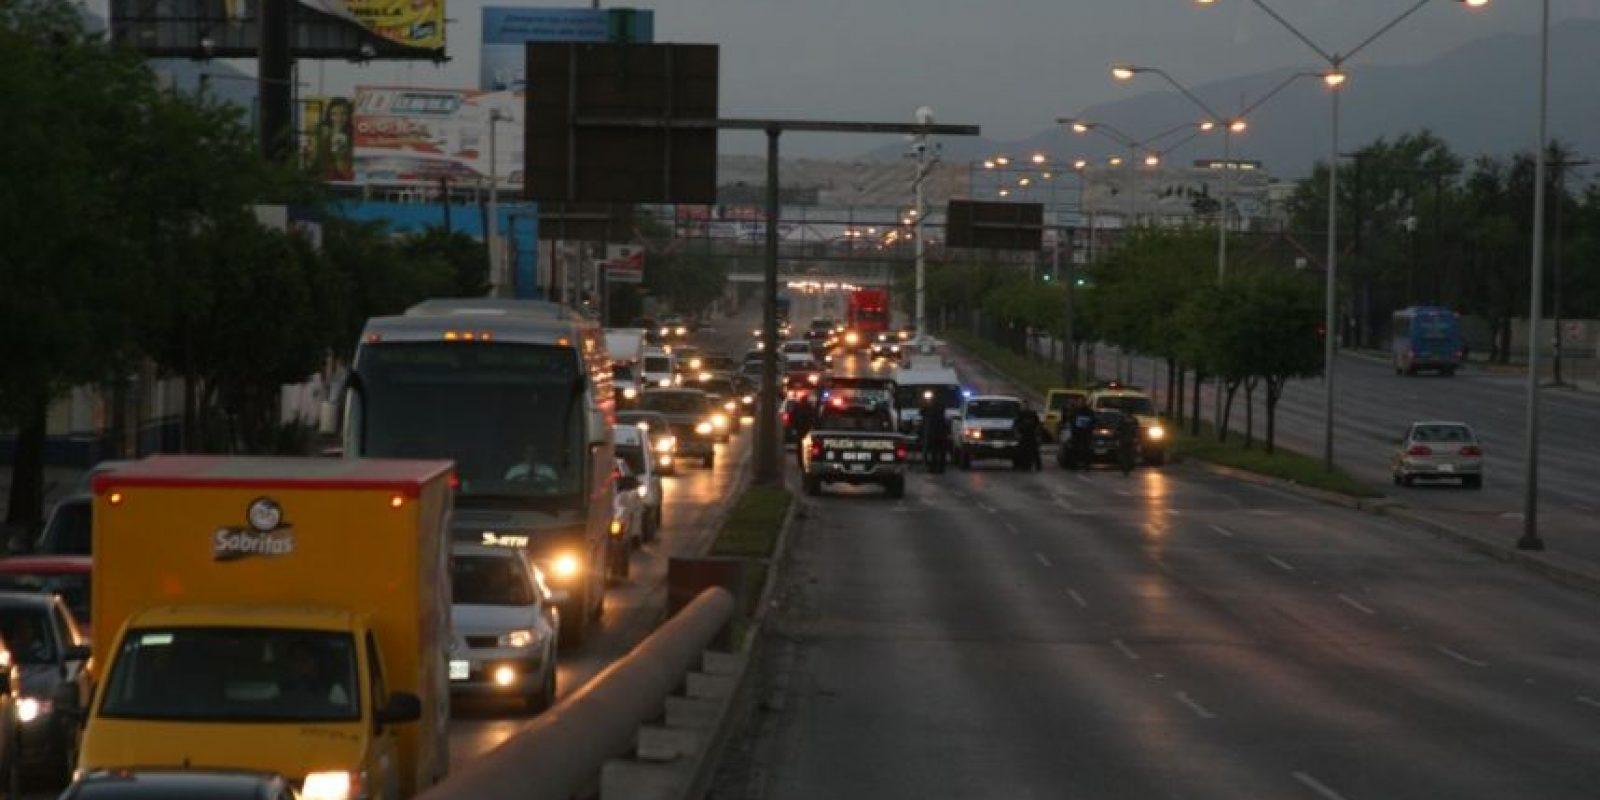 """Se informó que los criminales despojaron a al menos 60 automovilistas y choferes que circulaban por el lugar de sus vehículos. Foto:Los """"tapados"""" retuvieron 60 vehículos para organizar los bloqueos / Foto: Jesús Padilla"""